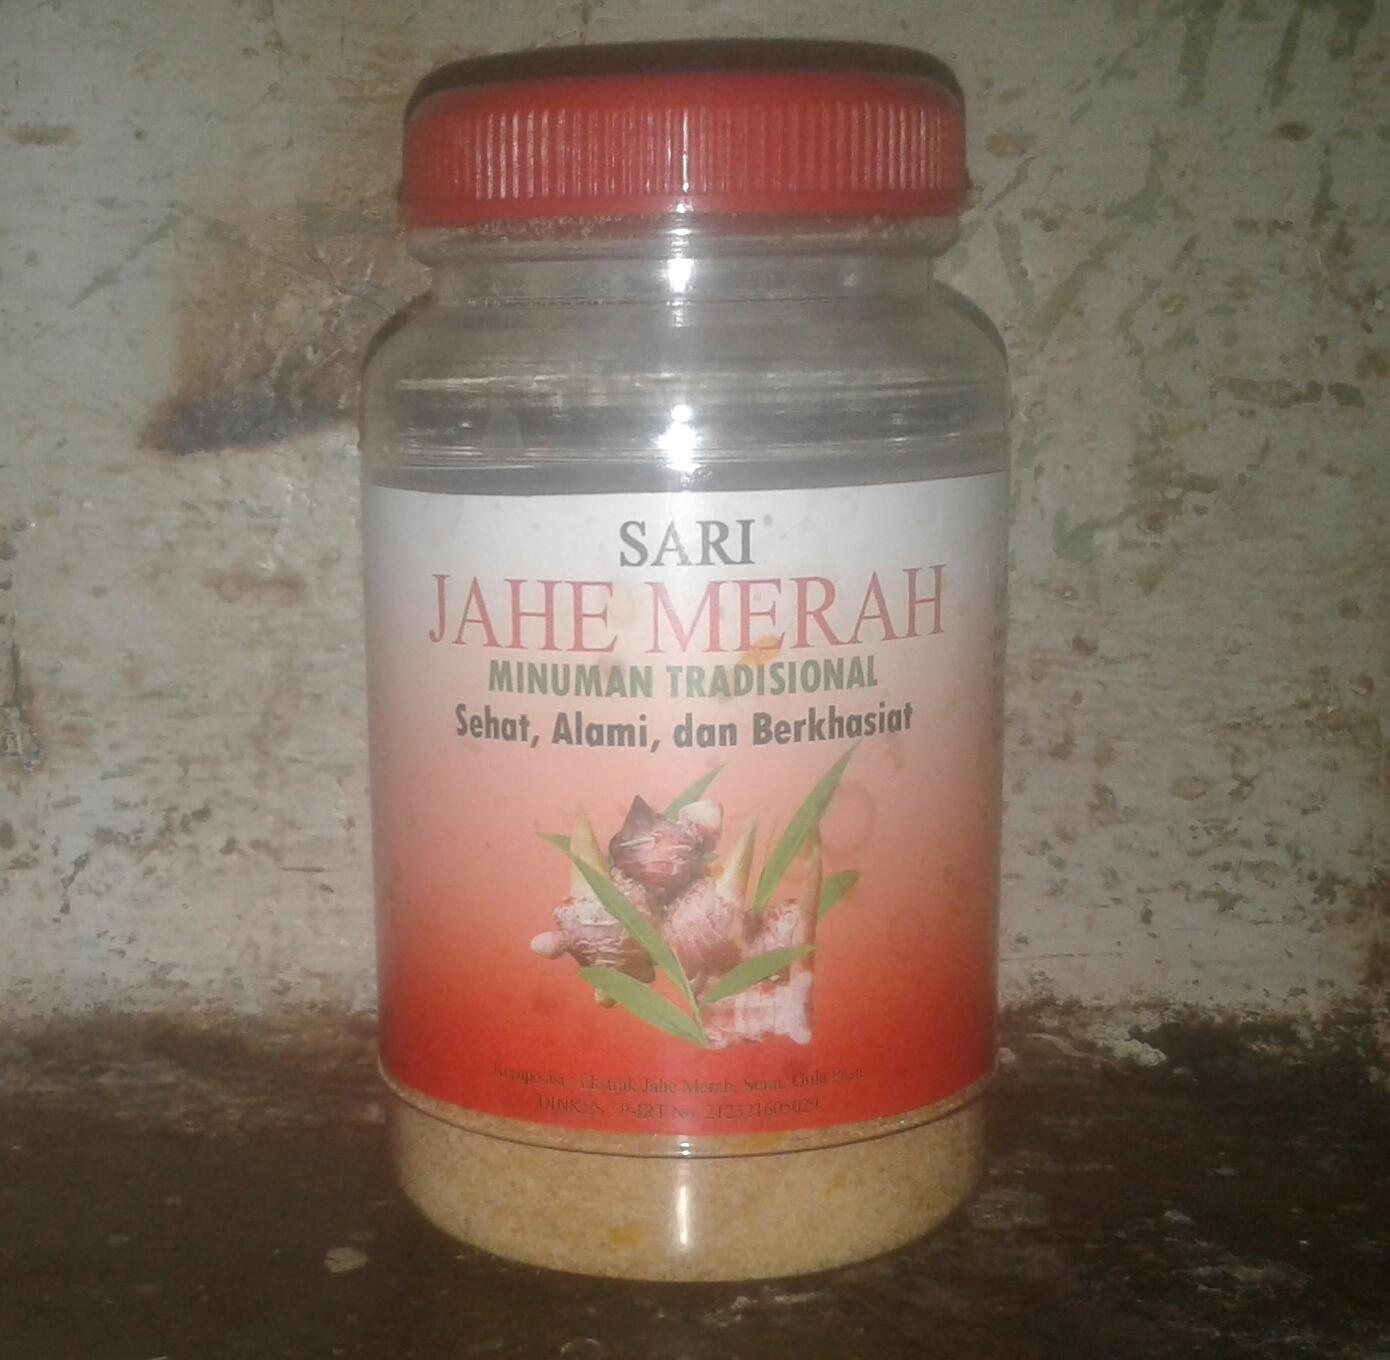 Zein Jahe Merah Toples 330gr Paket 3 Botol Daftar Harga Terlengkap Khonnur Sari